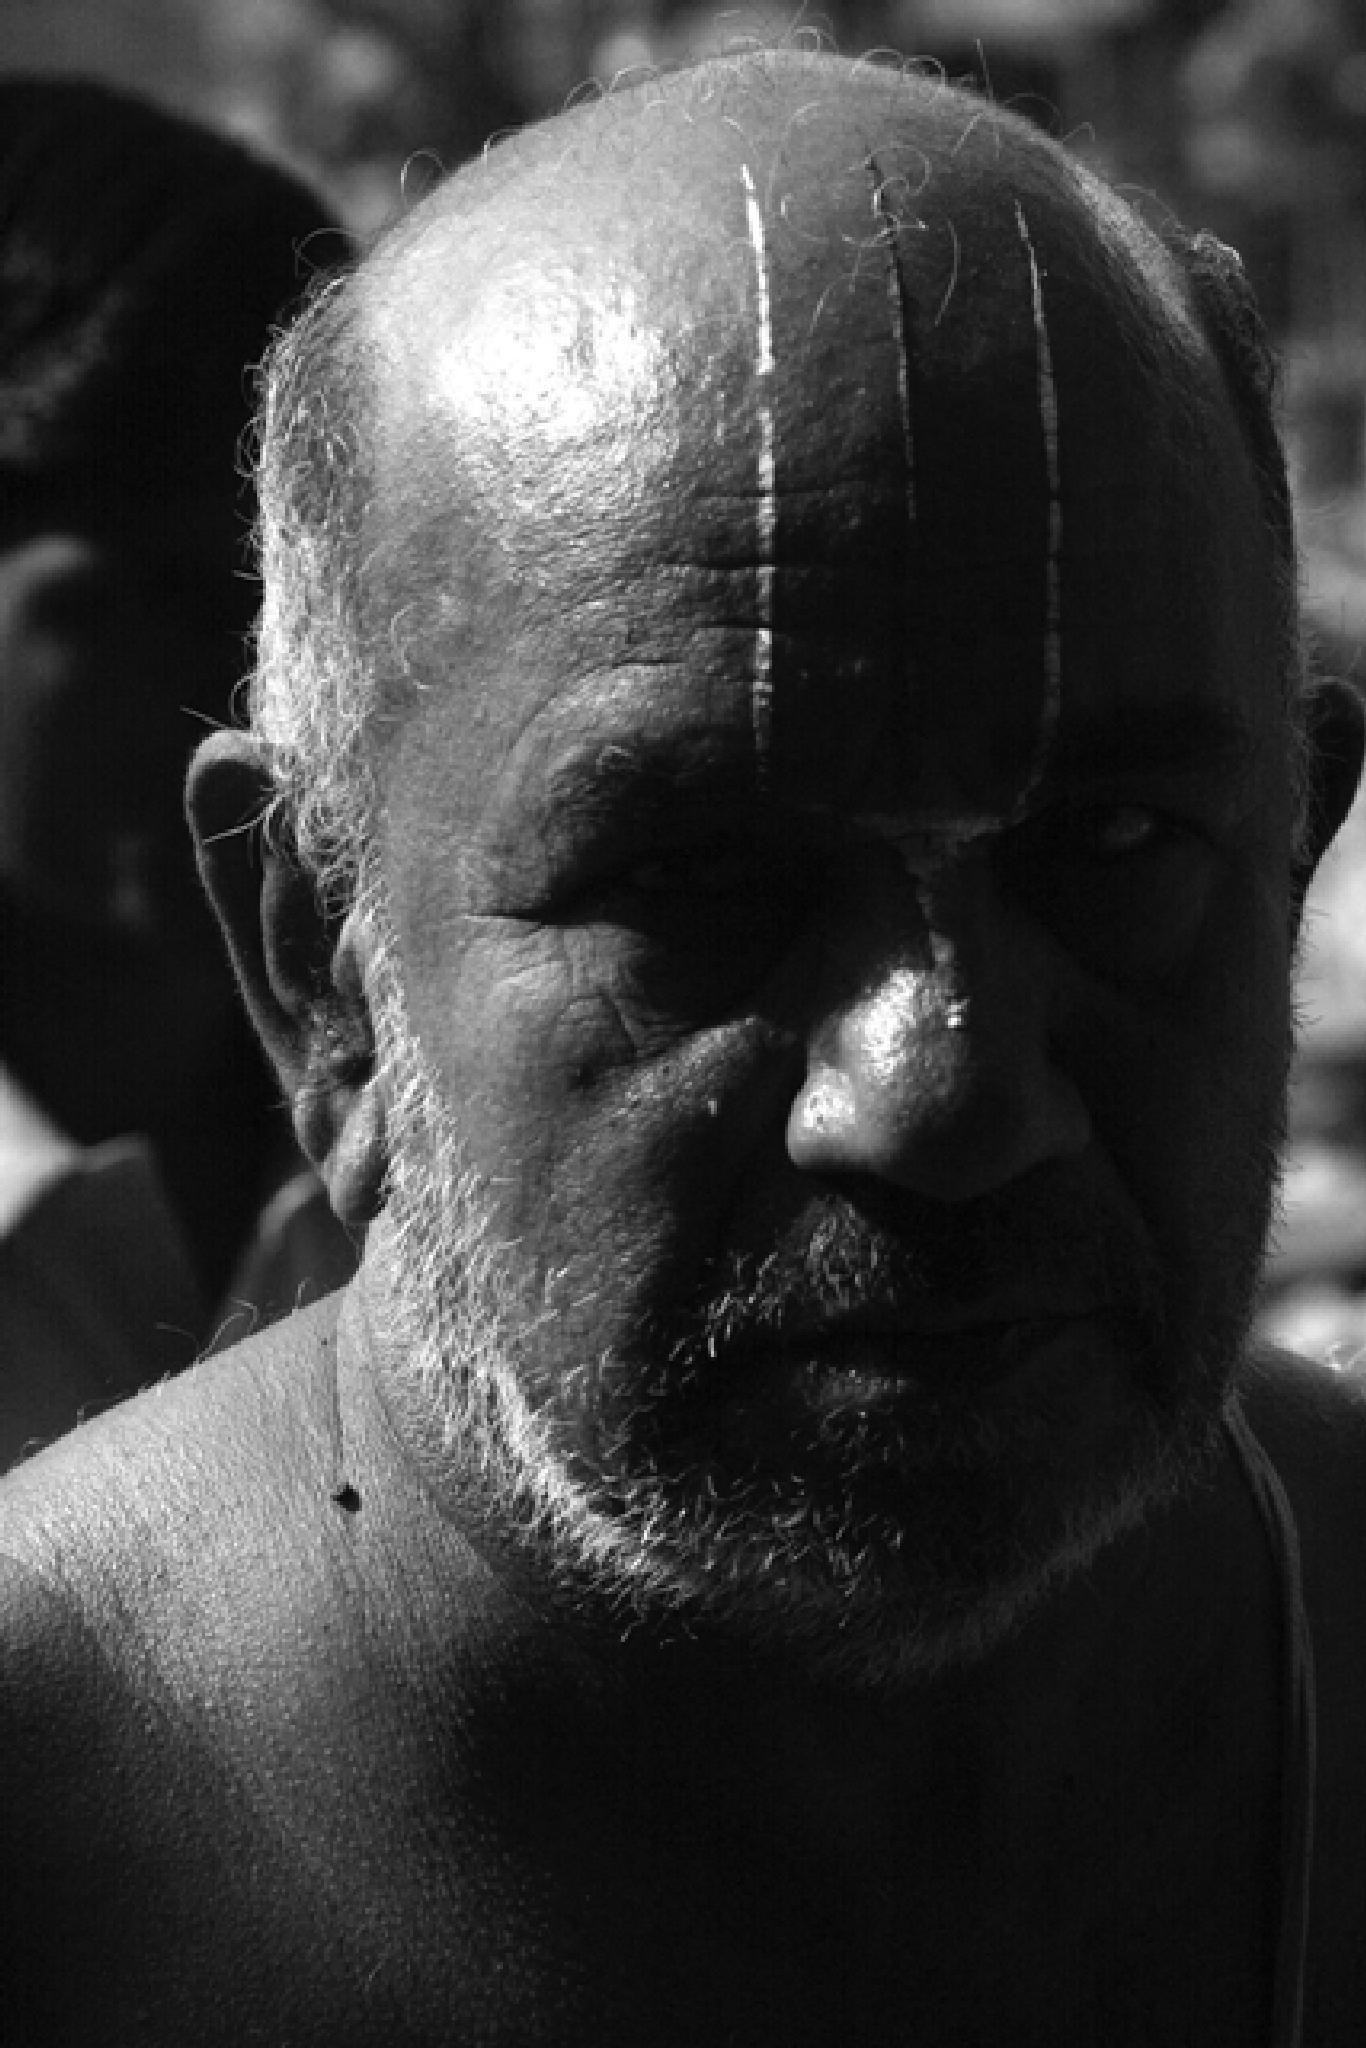 Untitled by bhaskar.gauribidanur.5